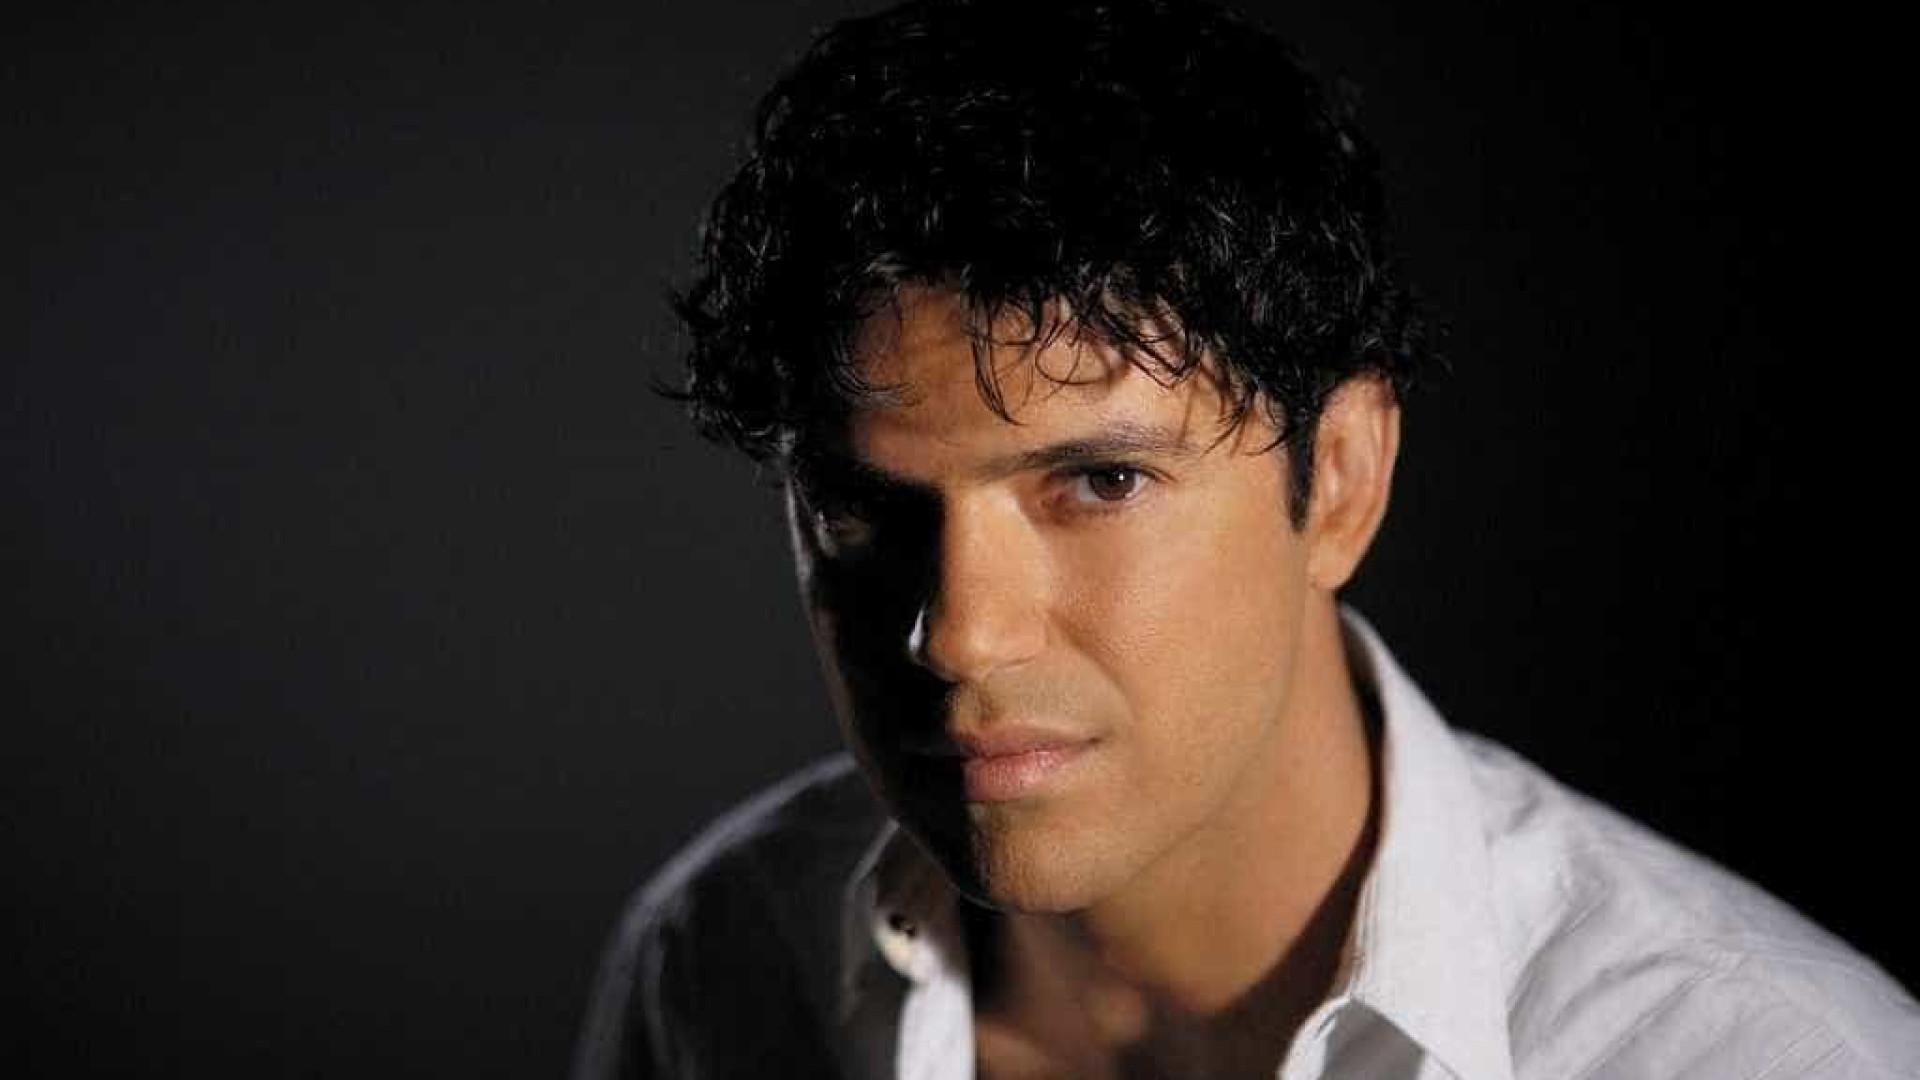 Jorge Vercillo recria hit para campanha de preveção à arritmia cardíaca